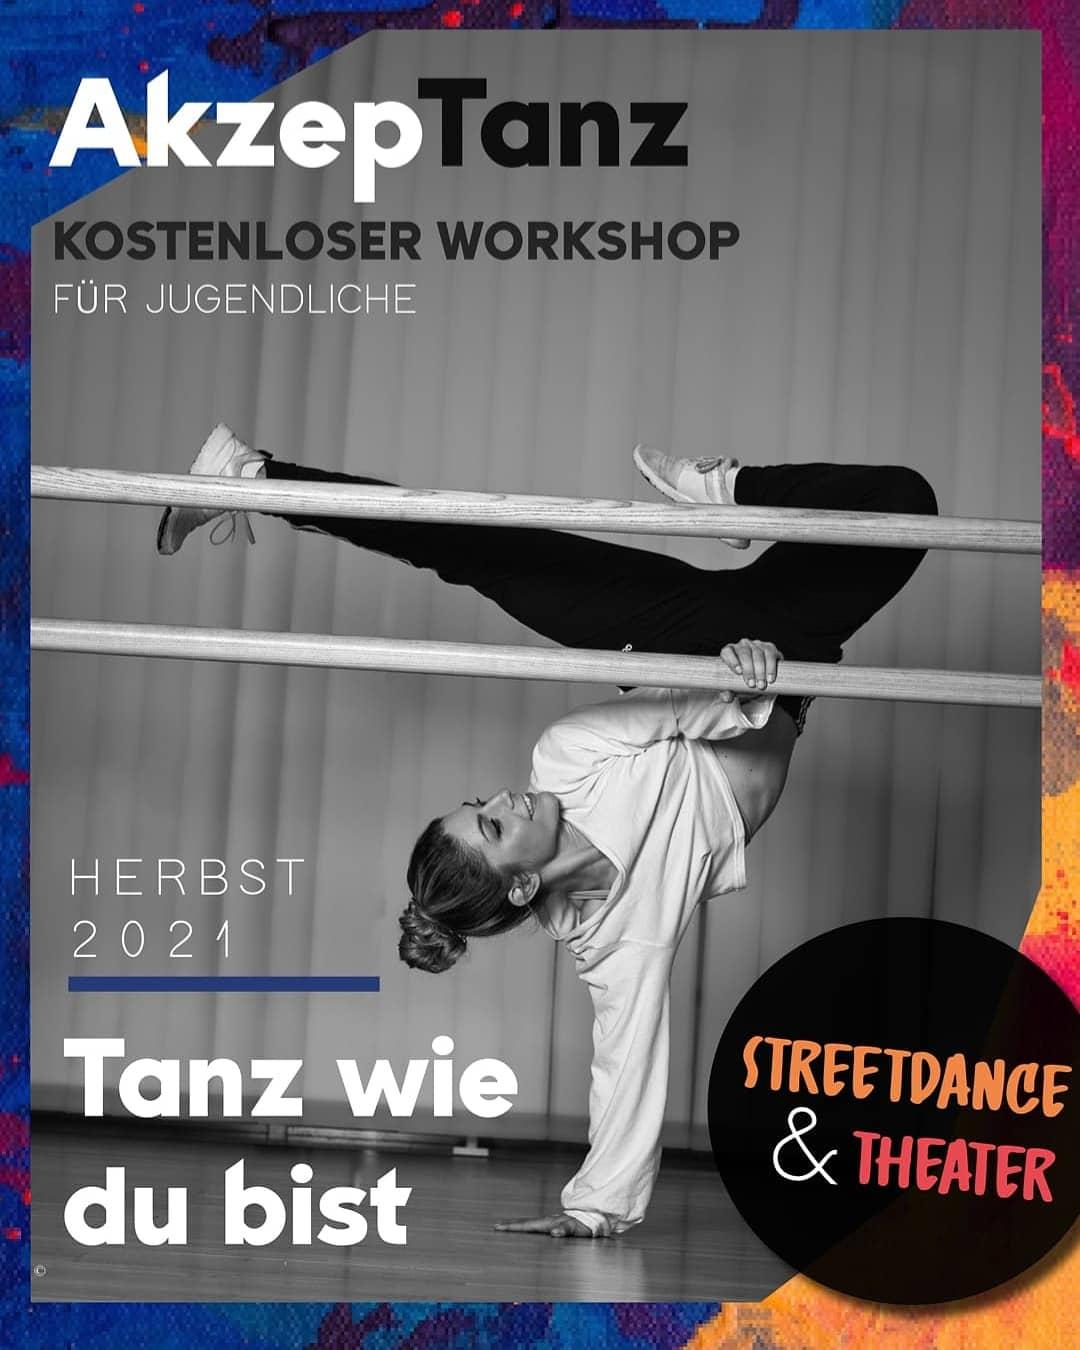 Flyer mit Werbung für das Projekt AkzepTanz. Der Flyertext ist auch auf der AkzepTanz-Seite auf der RRCGN-Website zu finden.